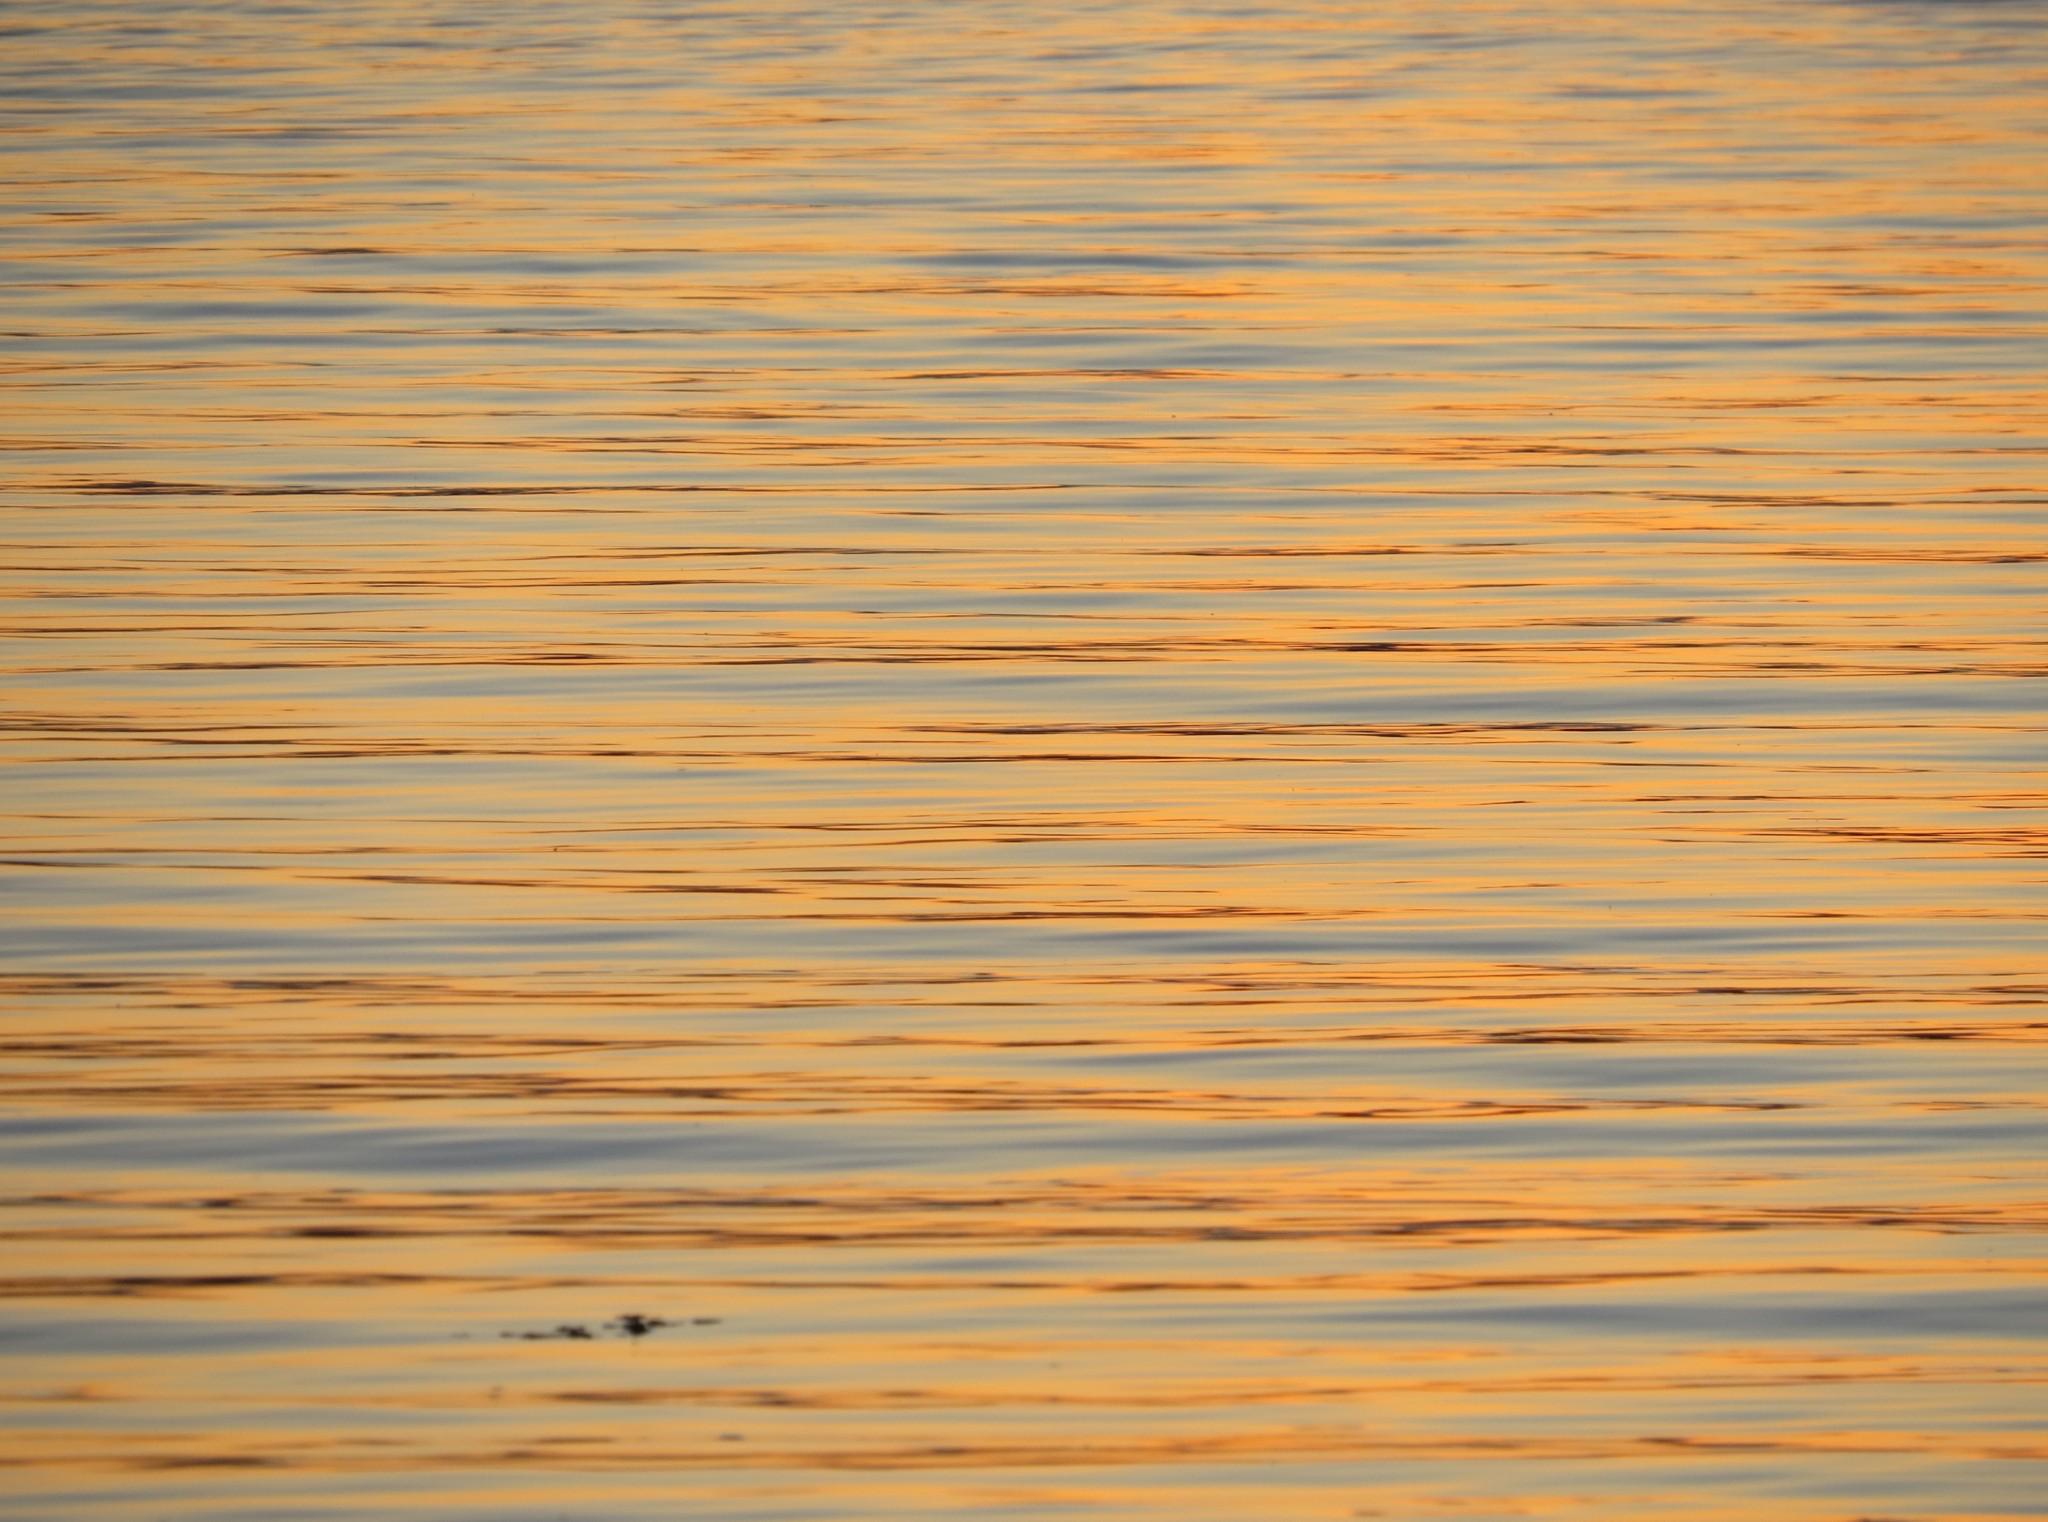 Ocean views during sunset